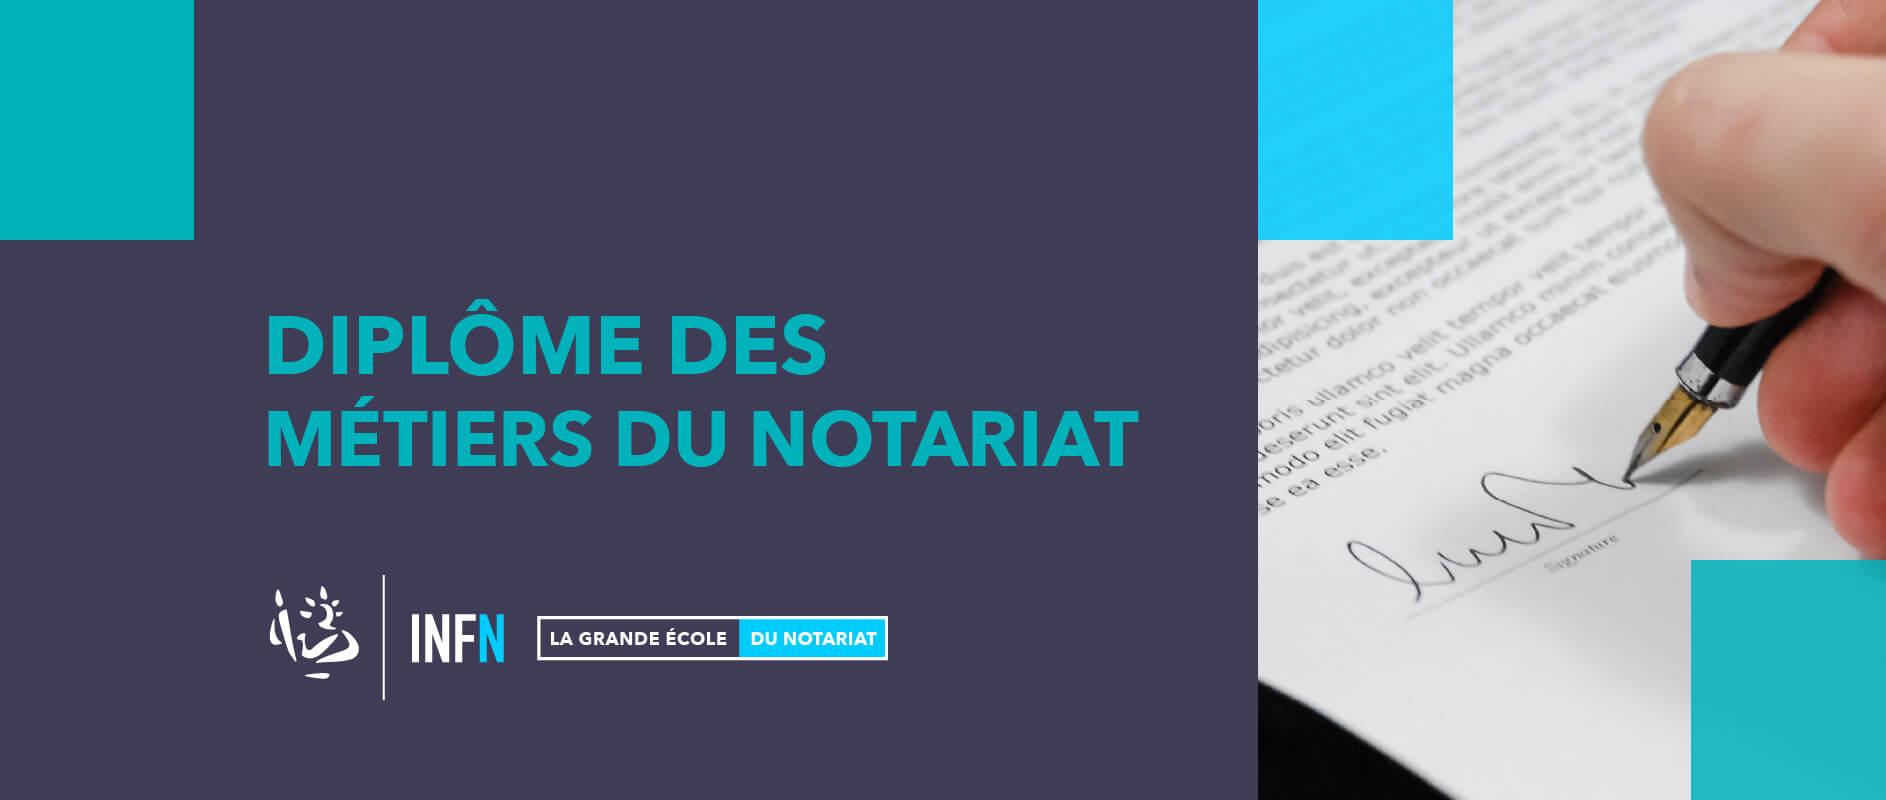 Diplôme des métiers du notariat INFN